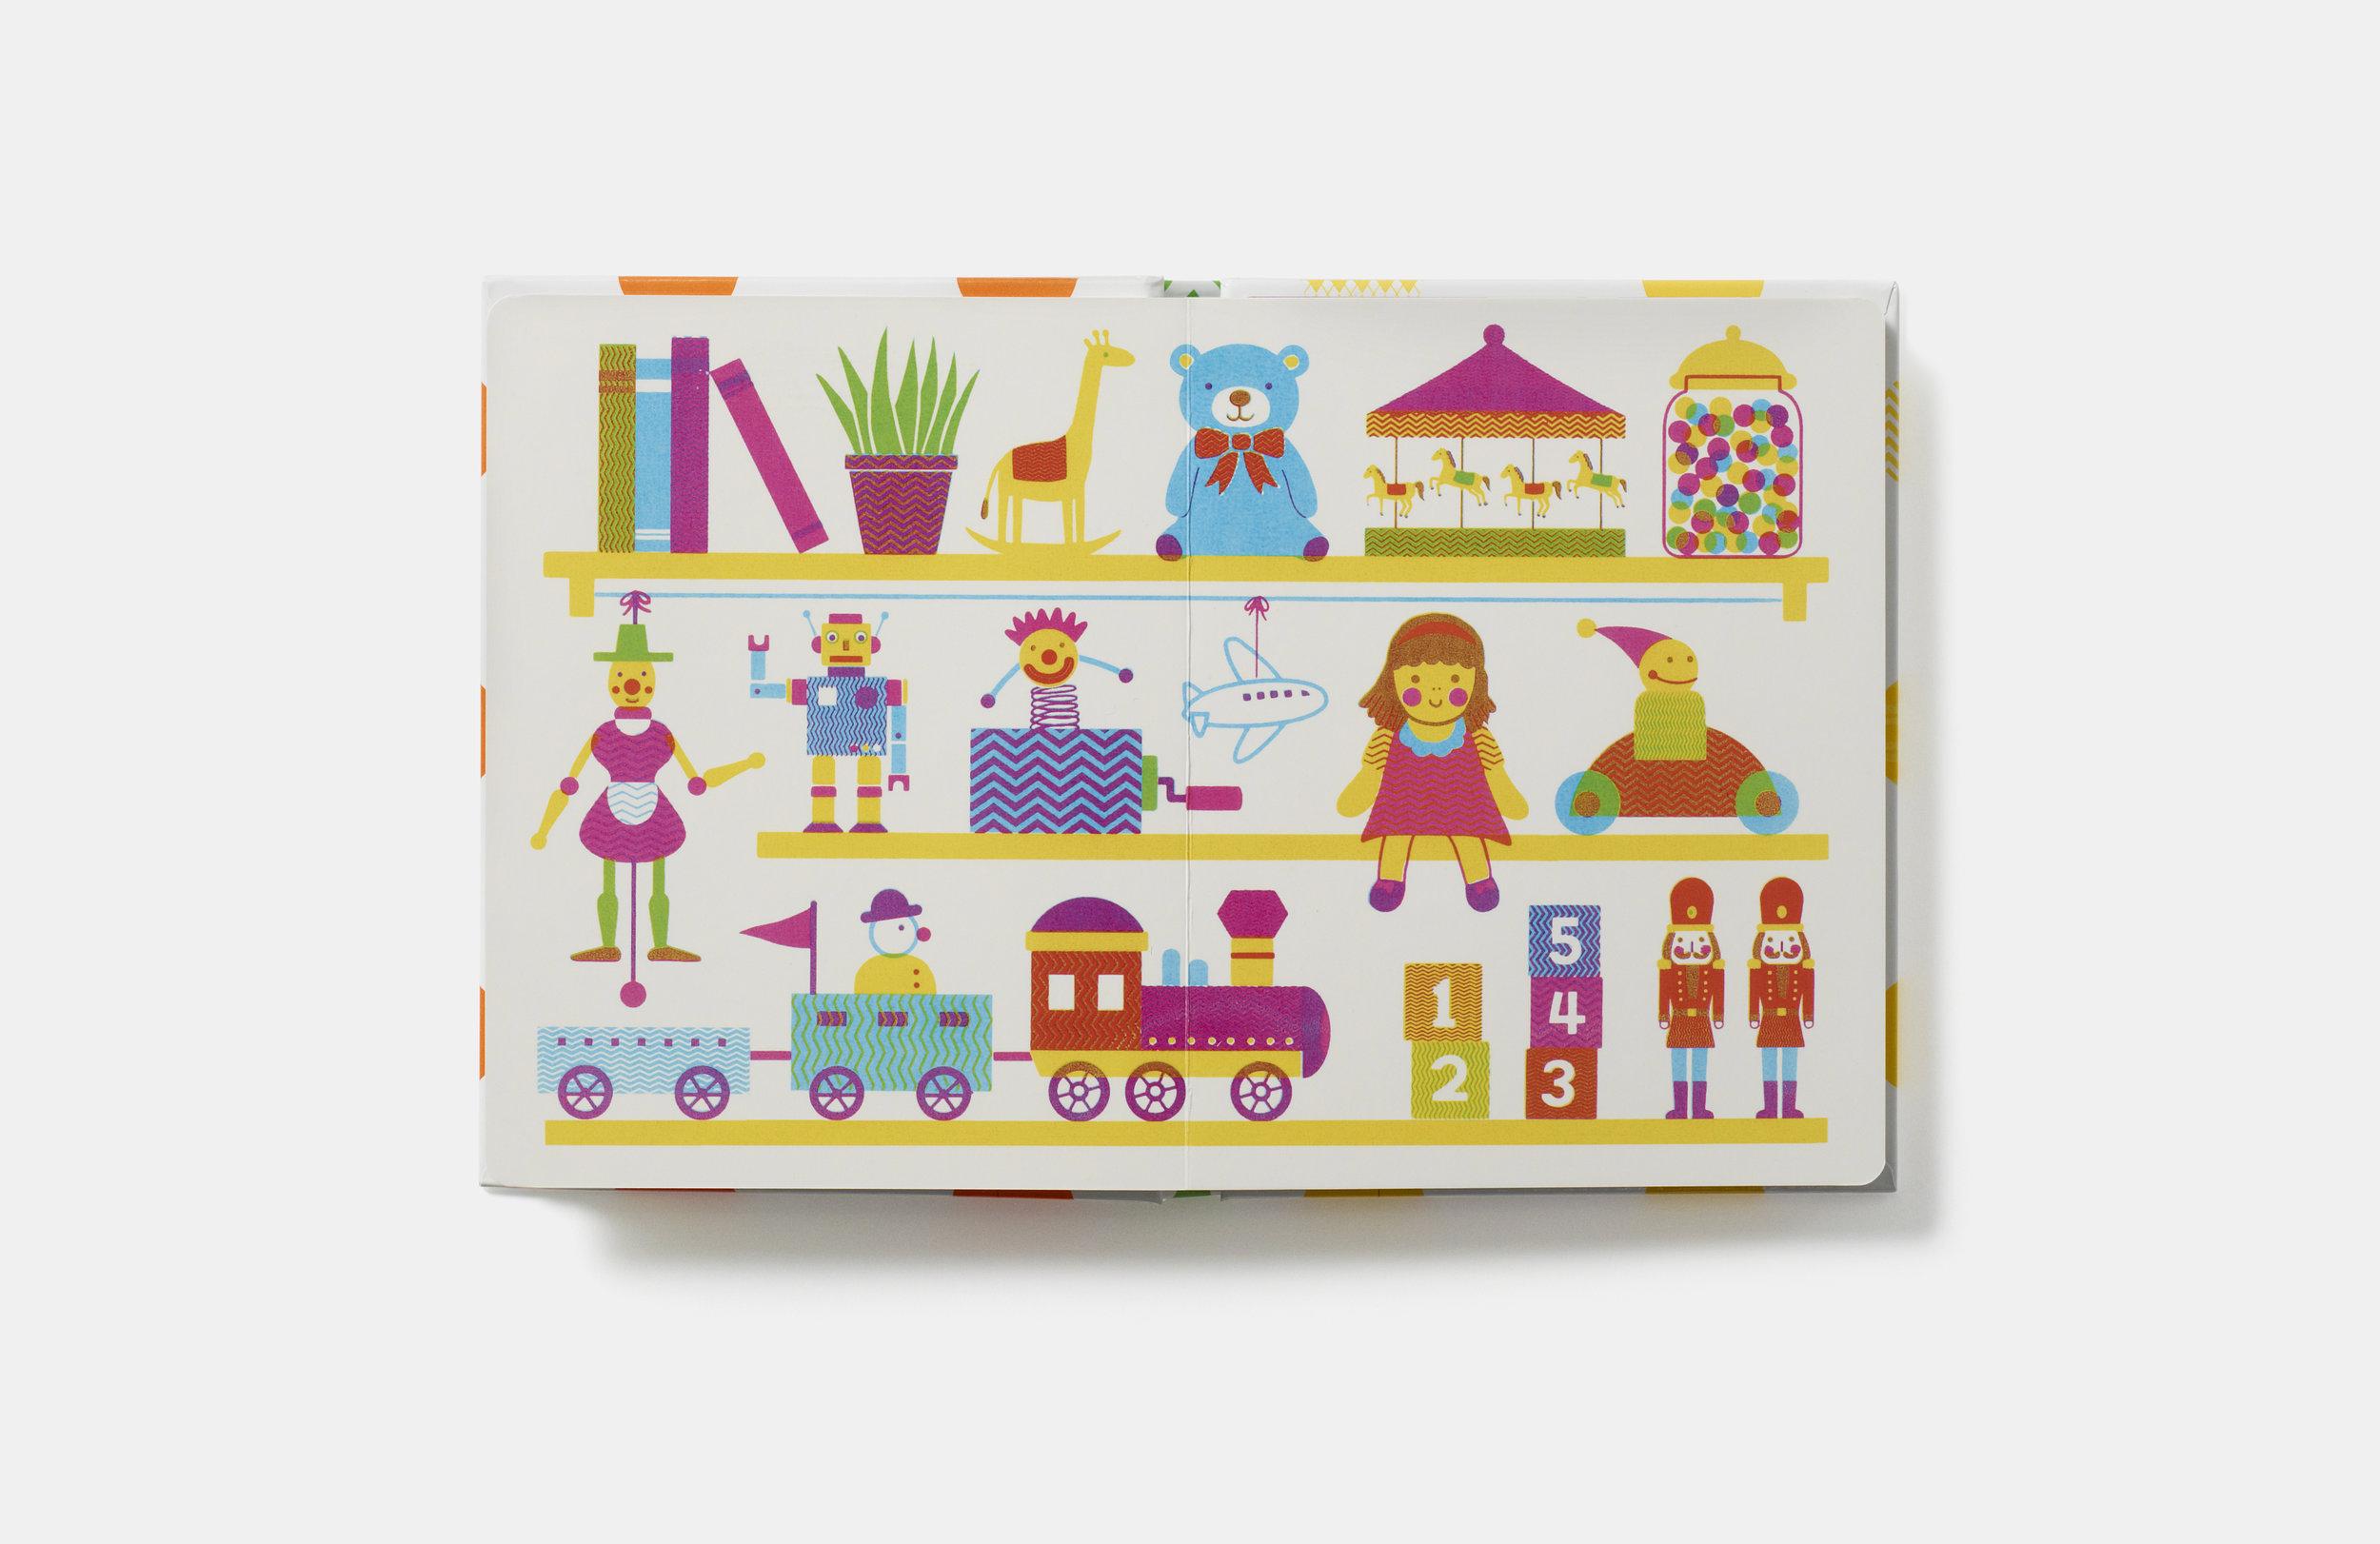 My-First-Book-of-Patterns-EN-7249-pp-015-016.jpg